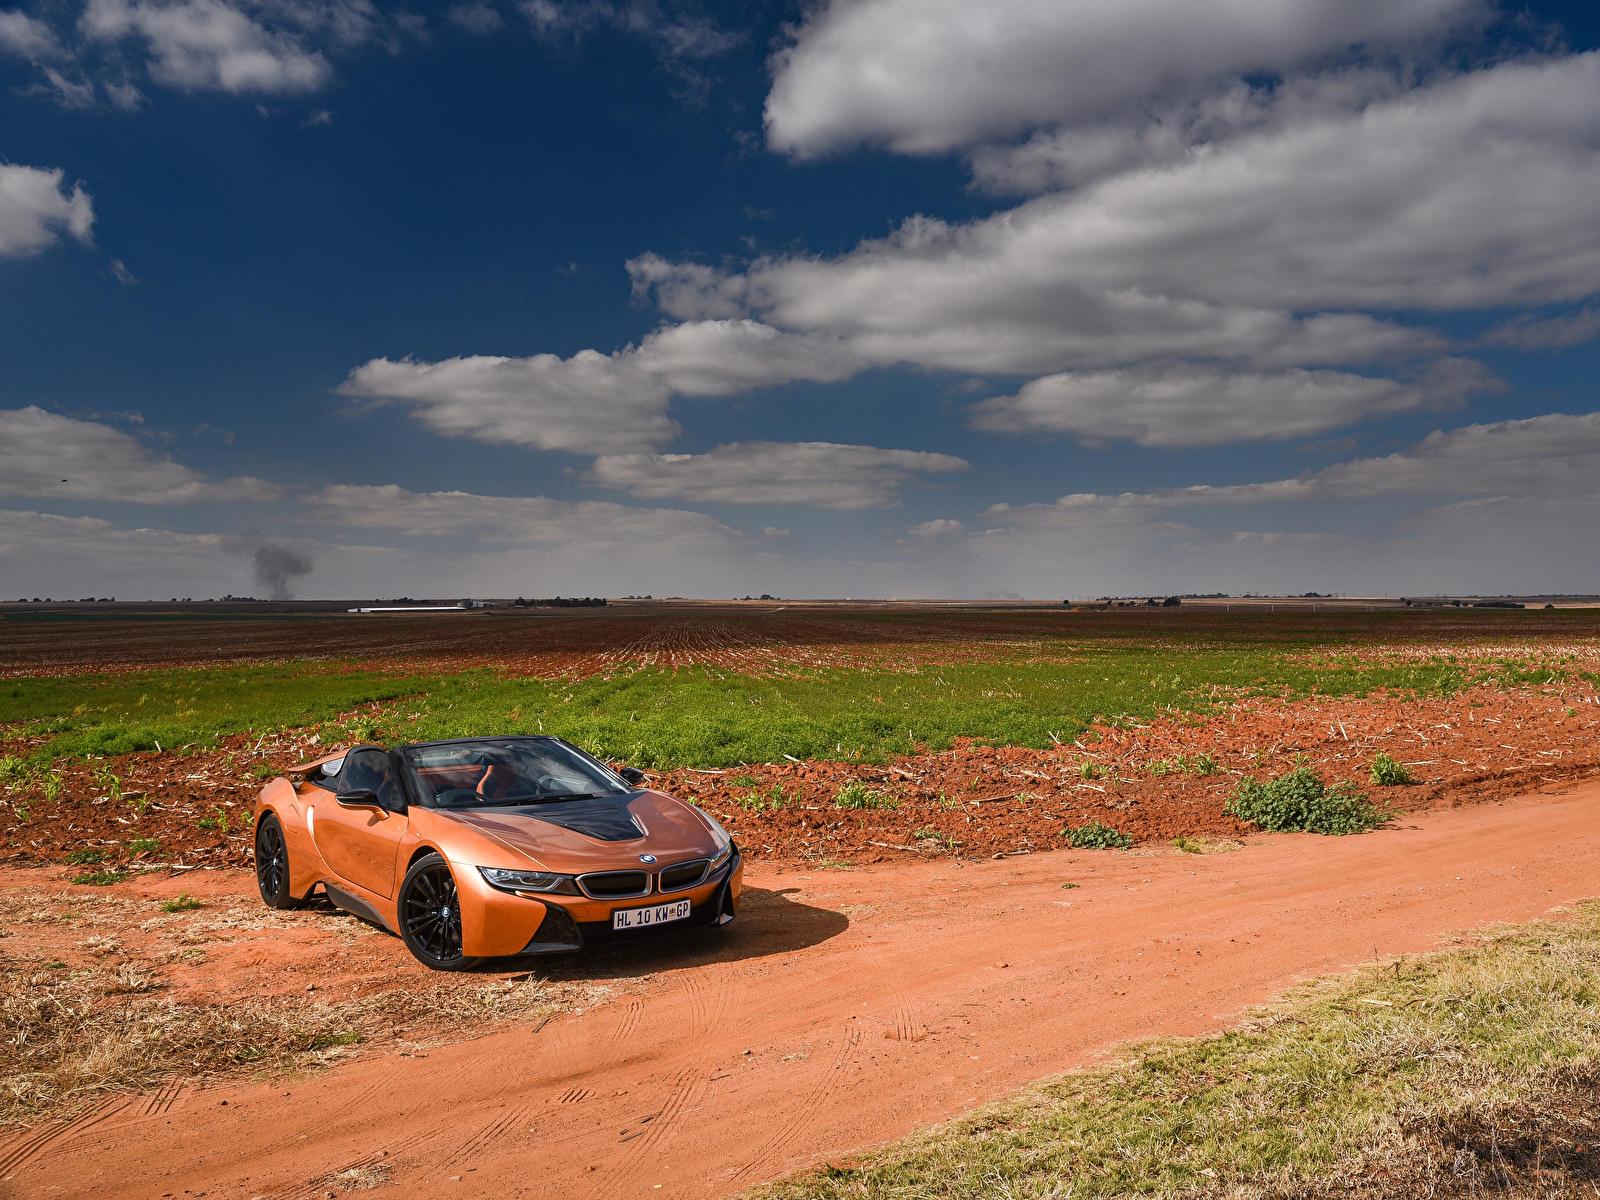 Обои для рабочего стола BMW 2018 i8 Родстер кабриолета Оранжевый автомобиль 1600x1200 БМВ Кабриолет оранжевых оранжевые оранжевая авто машина машины Автомобили